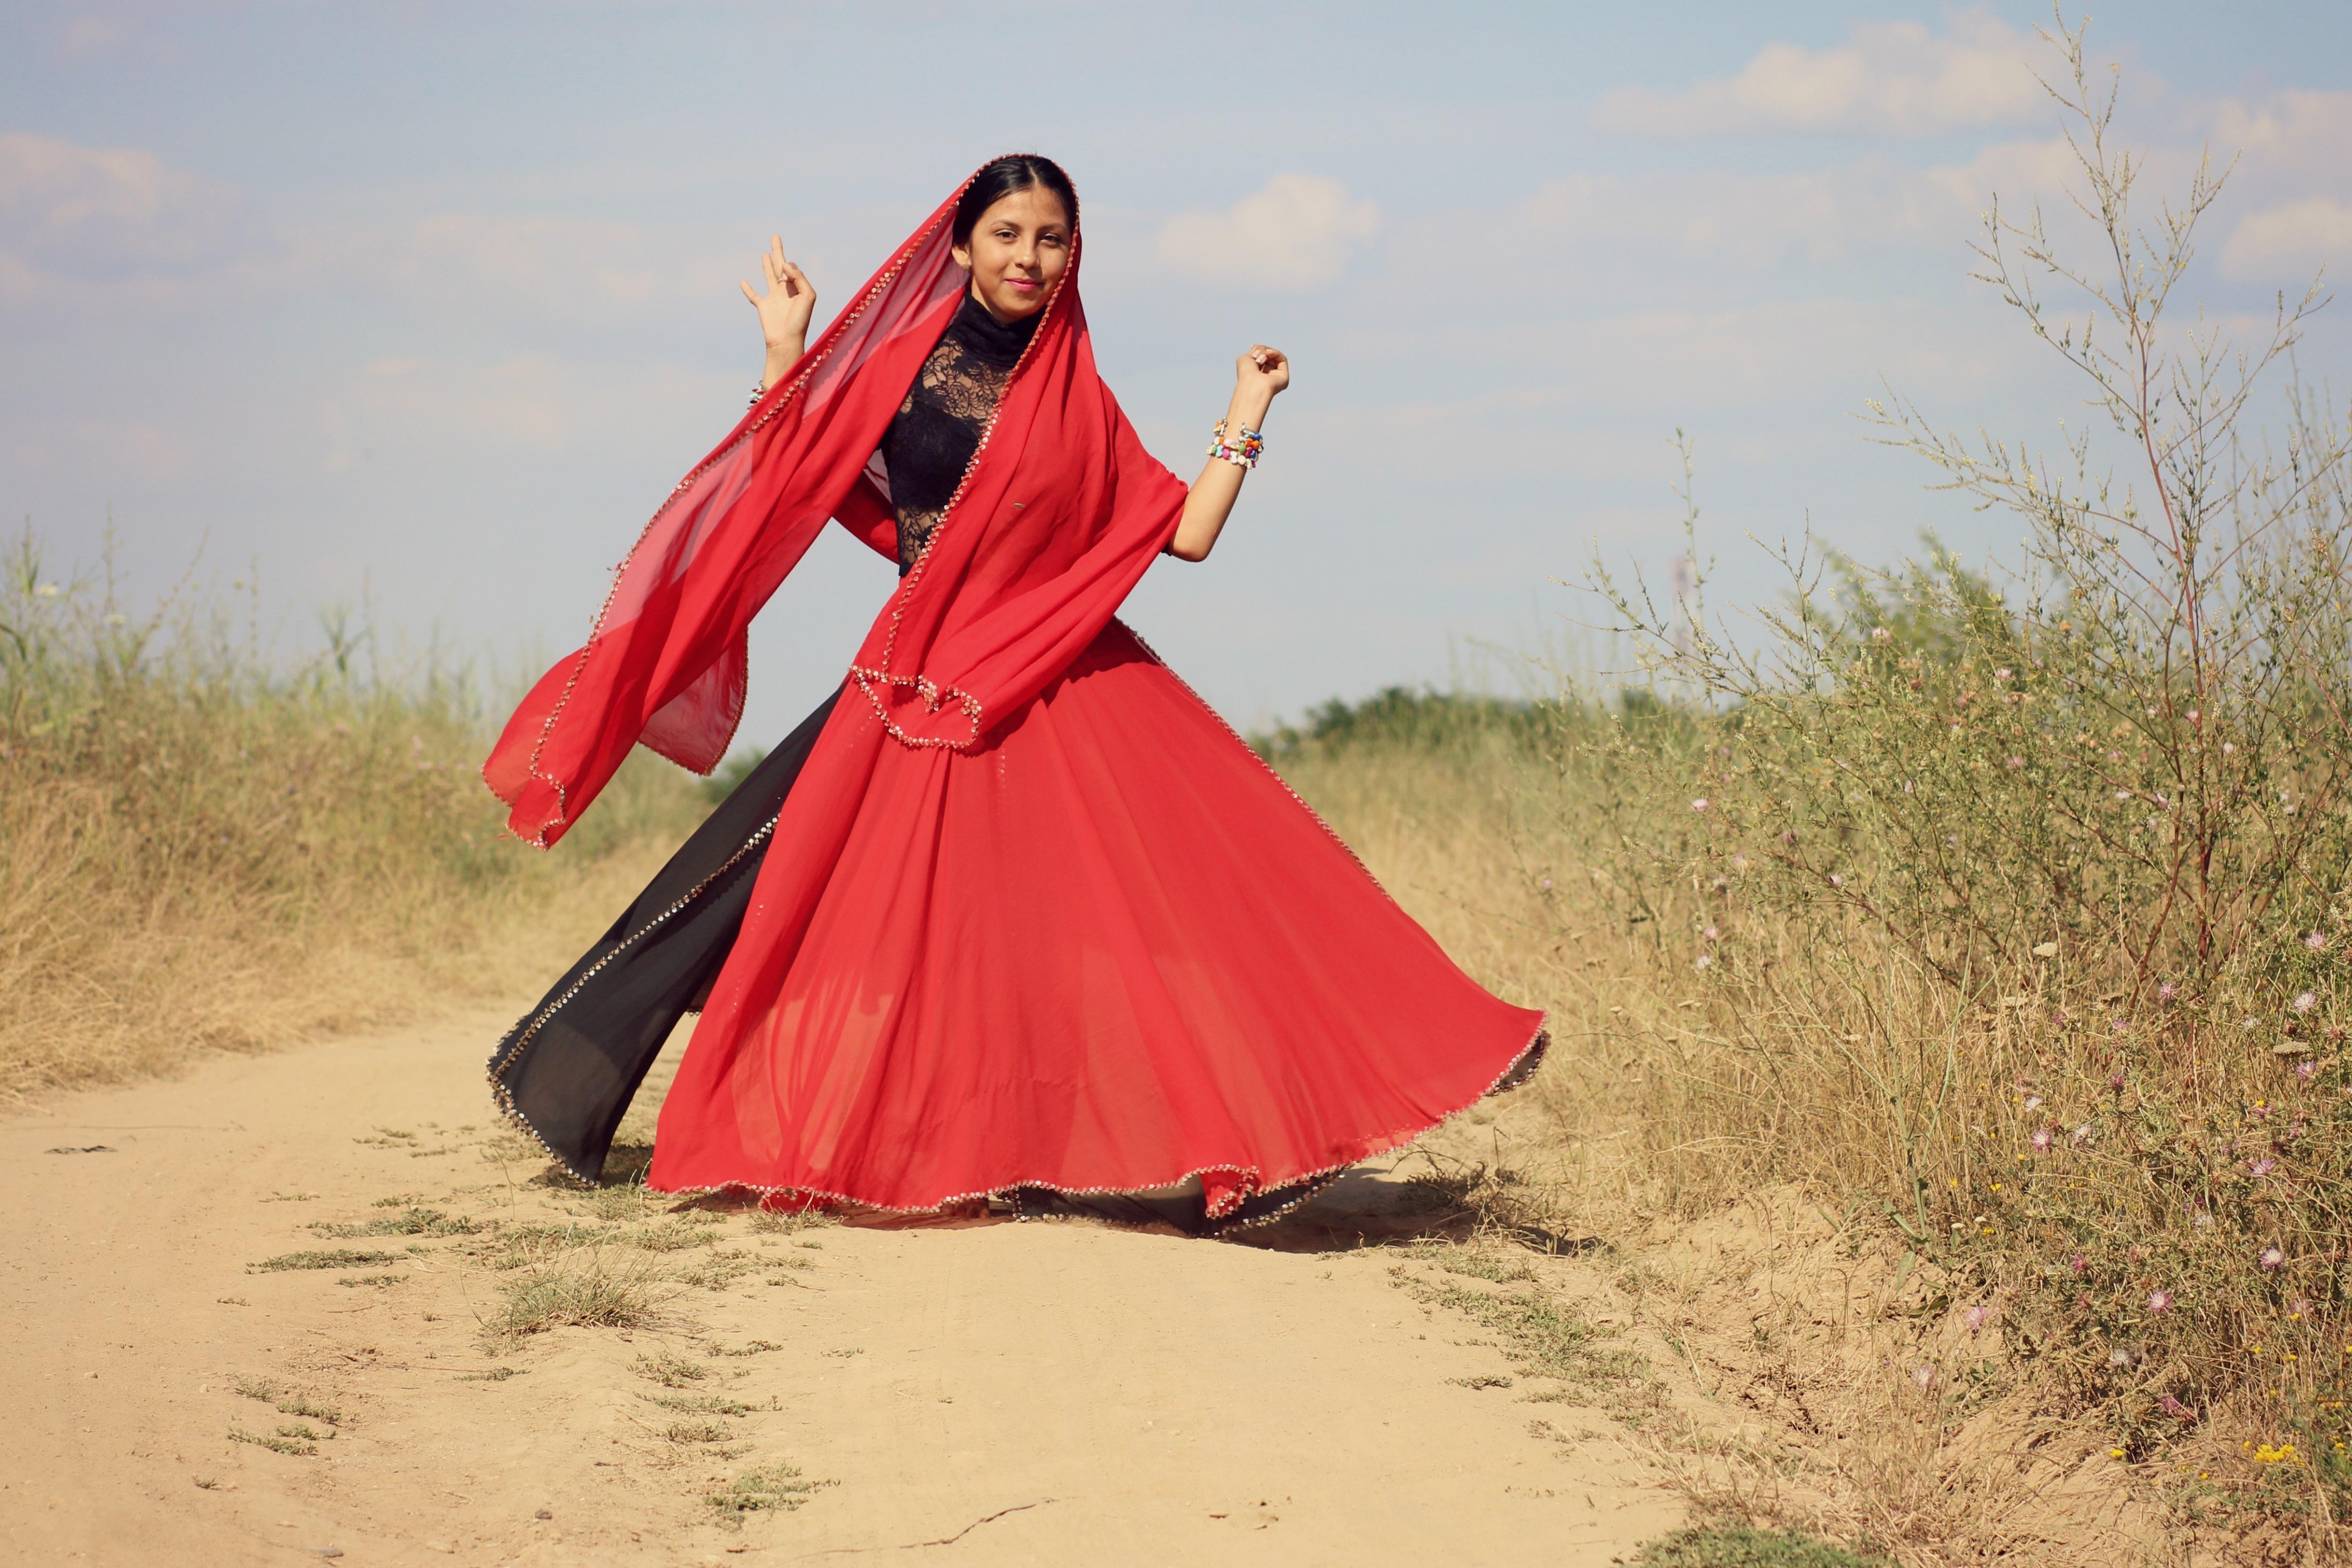 Kostenlose foto Mädchen Bewegung tanzen rot Kleid Sport